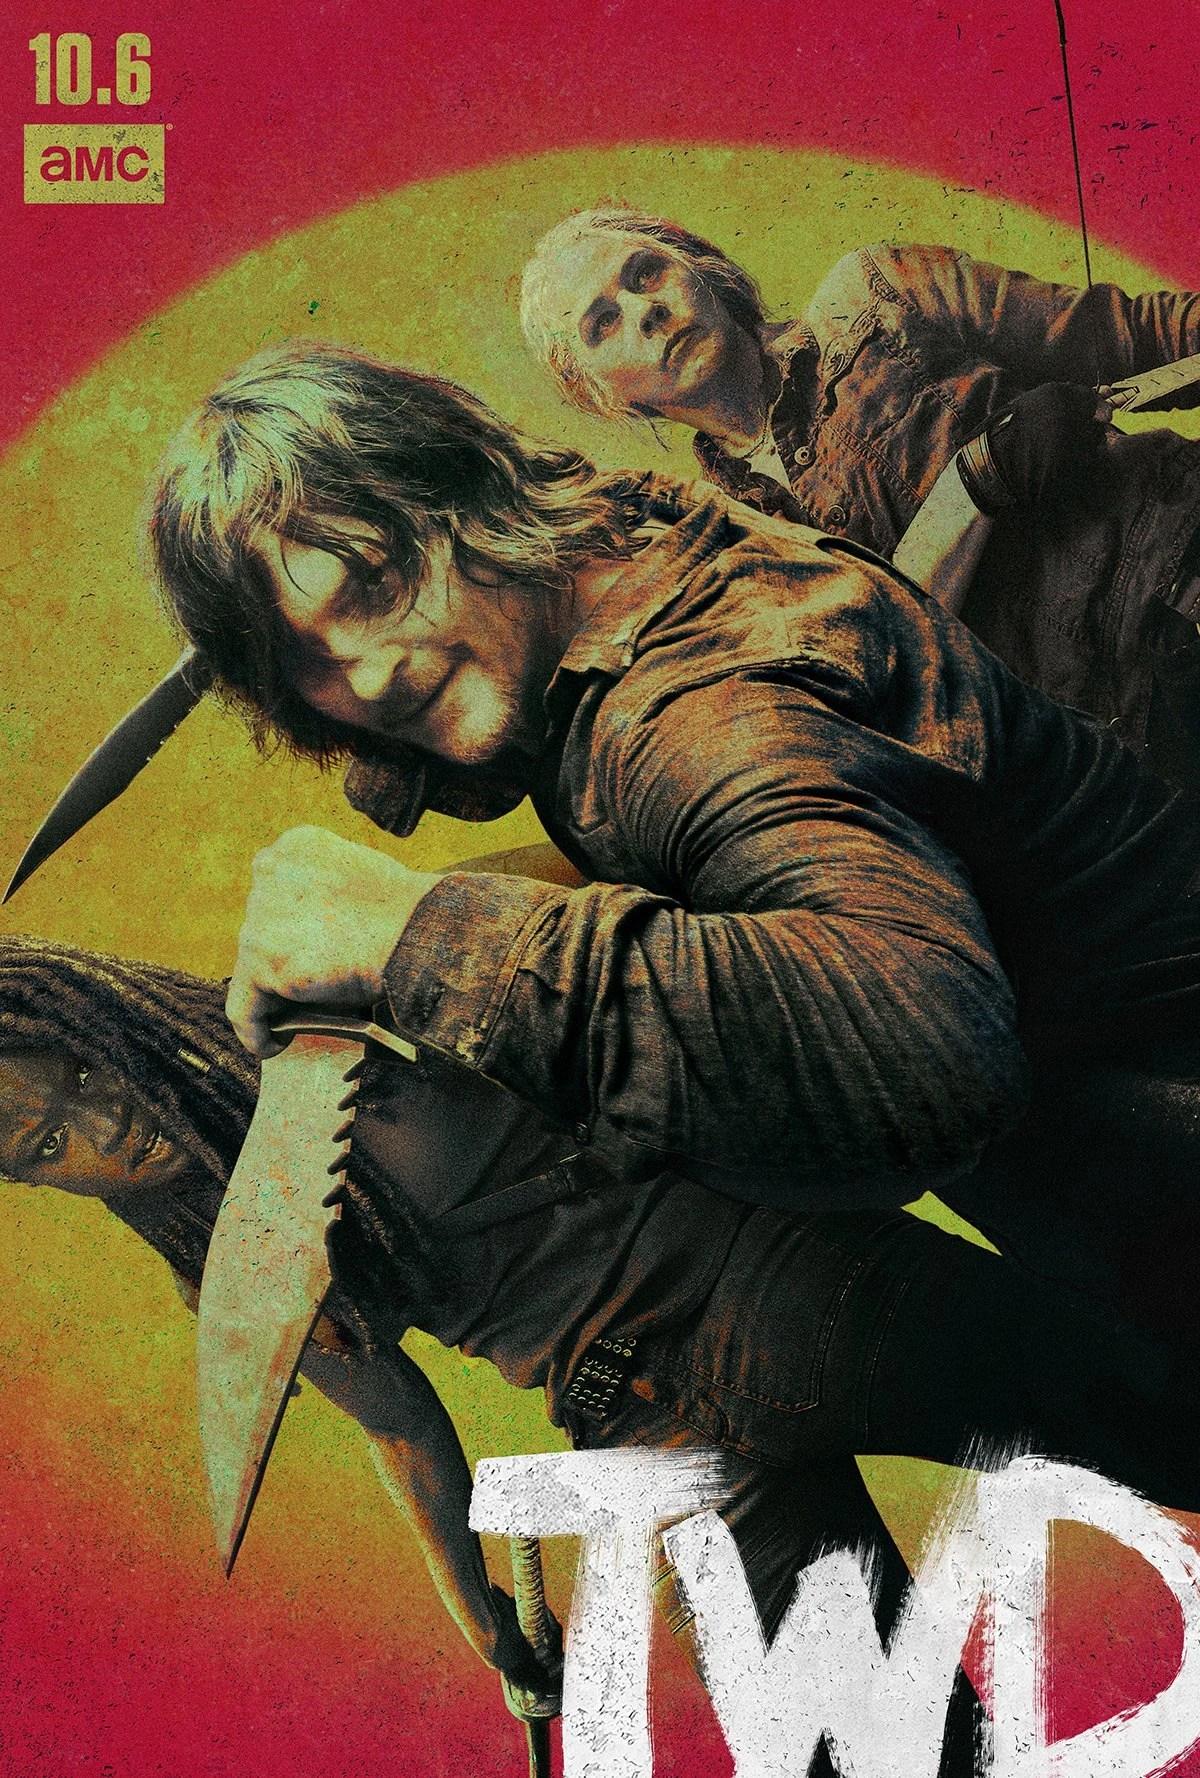 Walking Dead Saison 9 Streaming Hd : walking, saison, streaming, Season, Series), Walking, Fandom